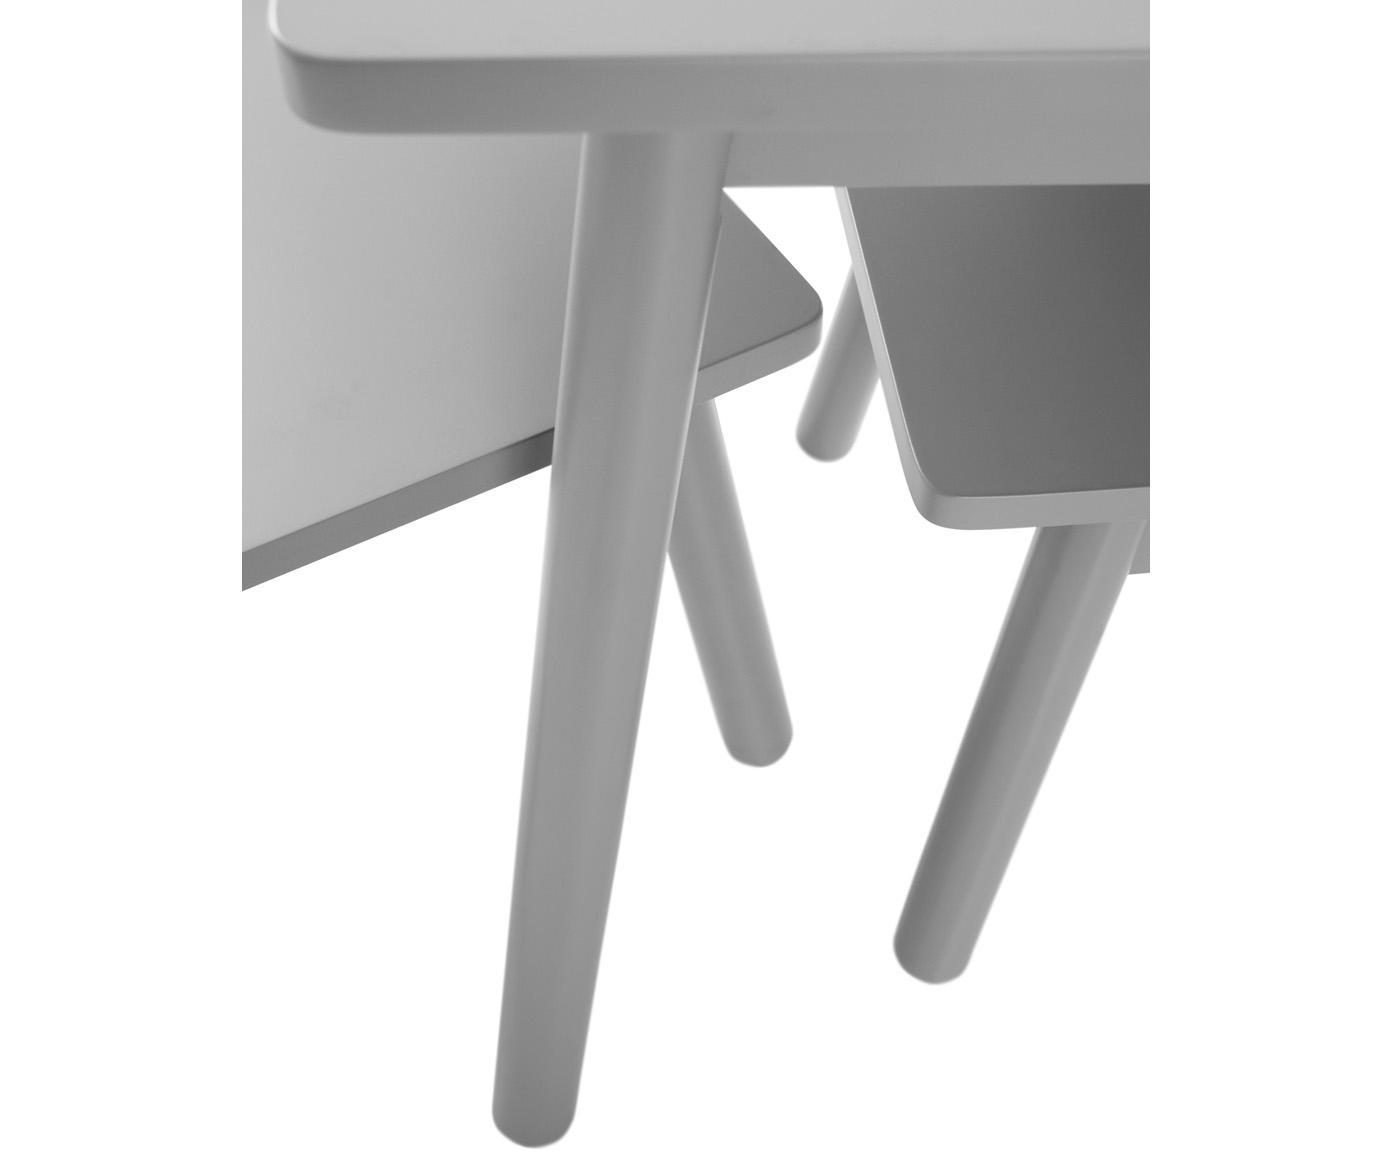 Kindertisch-Set Kinna Mini, 3-tlg., Kiefernholz, Mitteldichte Holzfaserplatte (MDF), Grau, Sondergrößen